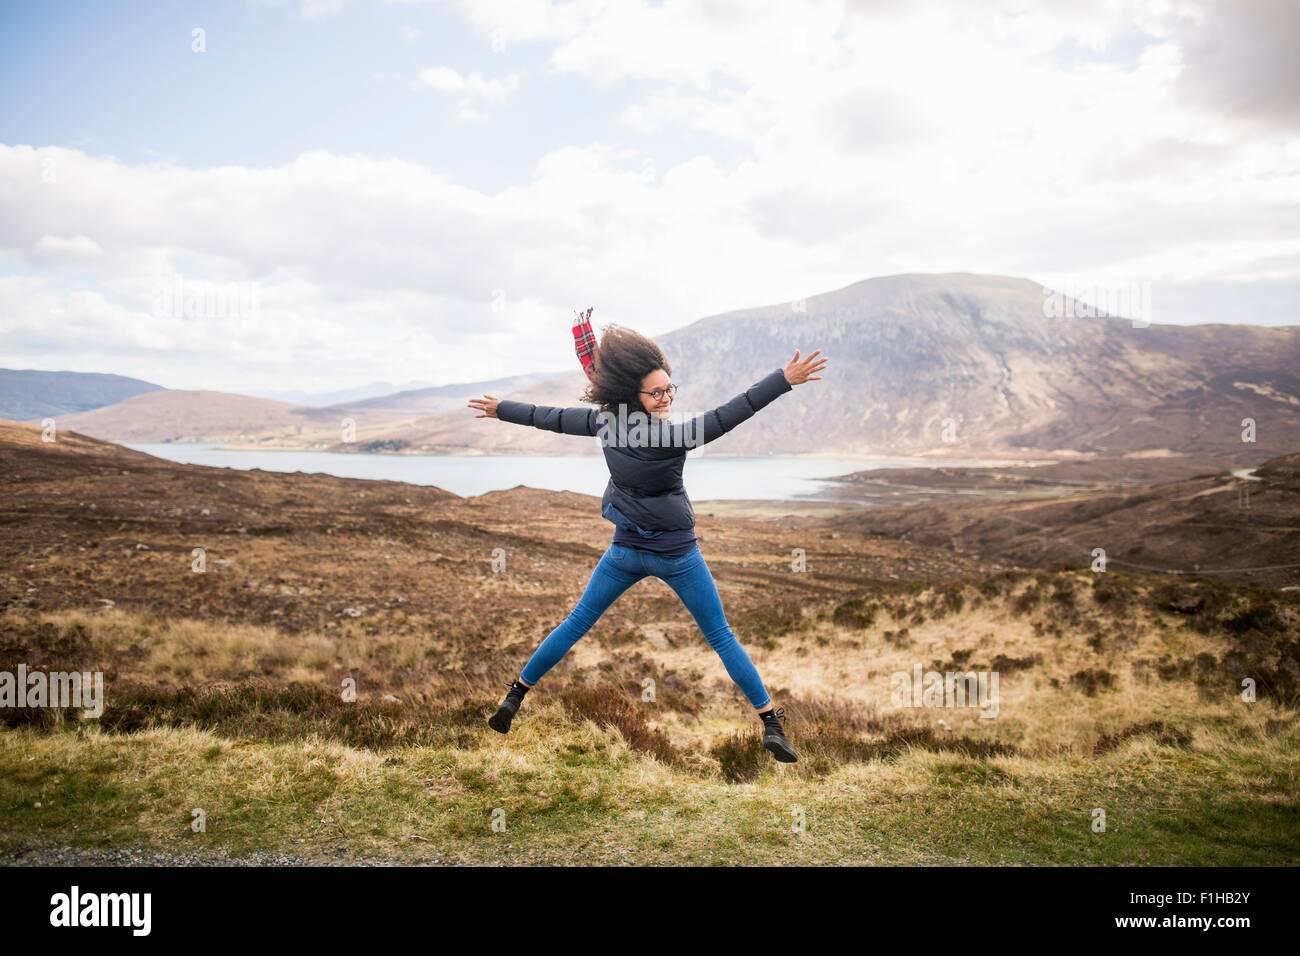 Mitad mujer adulta en las montañas haciendo saltar de estrella, la Isla de Skye, Hébridas, Escocia Imagen De Stock